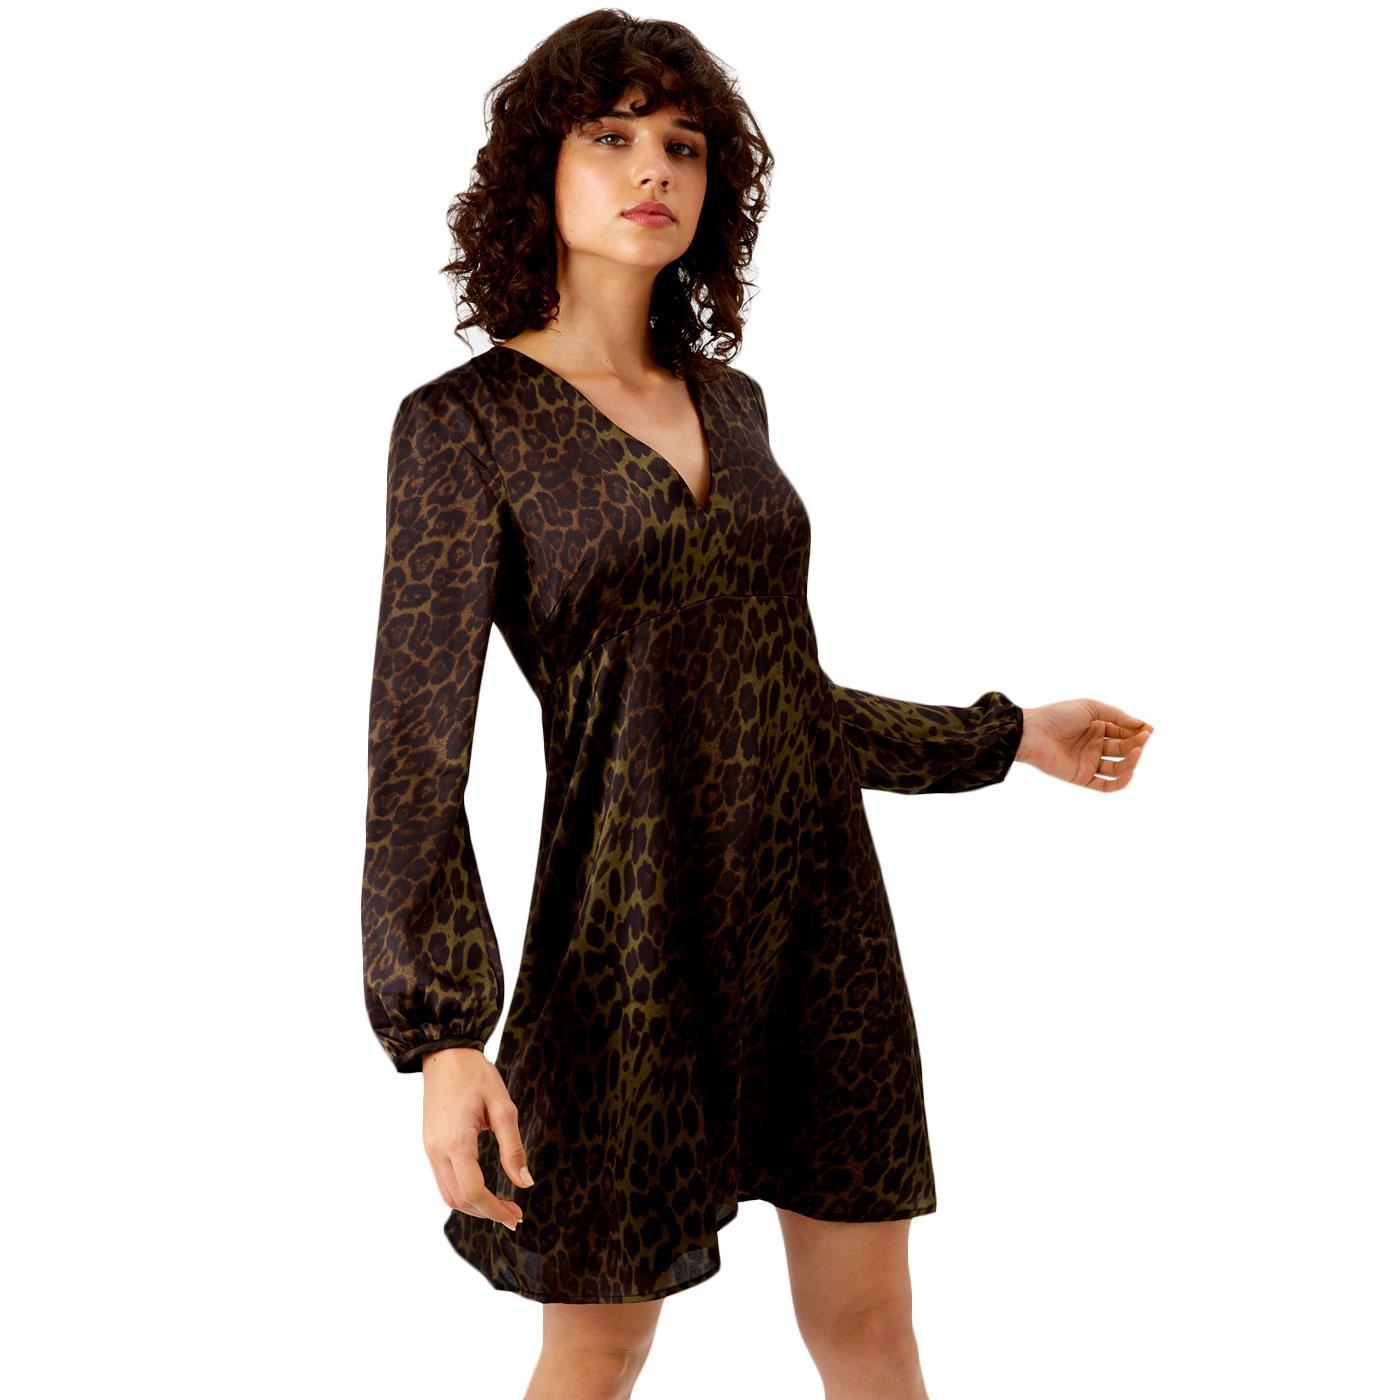 Mama Mia TRAFFIC PEOPLE 70s Leopard Print Dress